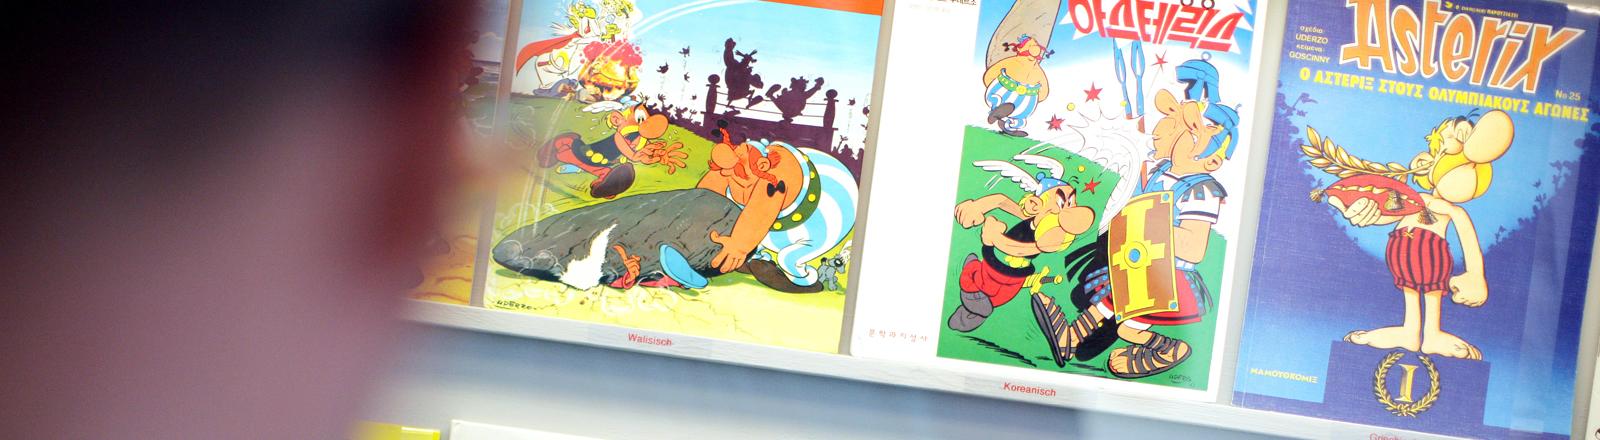 Ein Asterix-Fan betrachtet am Samstag (13.08.2011) im Römermuseum in Haltern am See (Nordrhein-Westfalen) Asterix-Hefte aus verschiedenen Ländern.